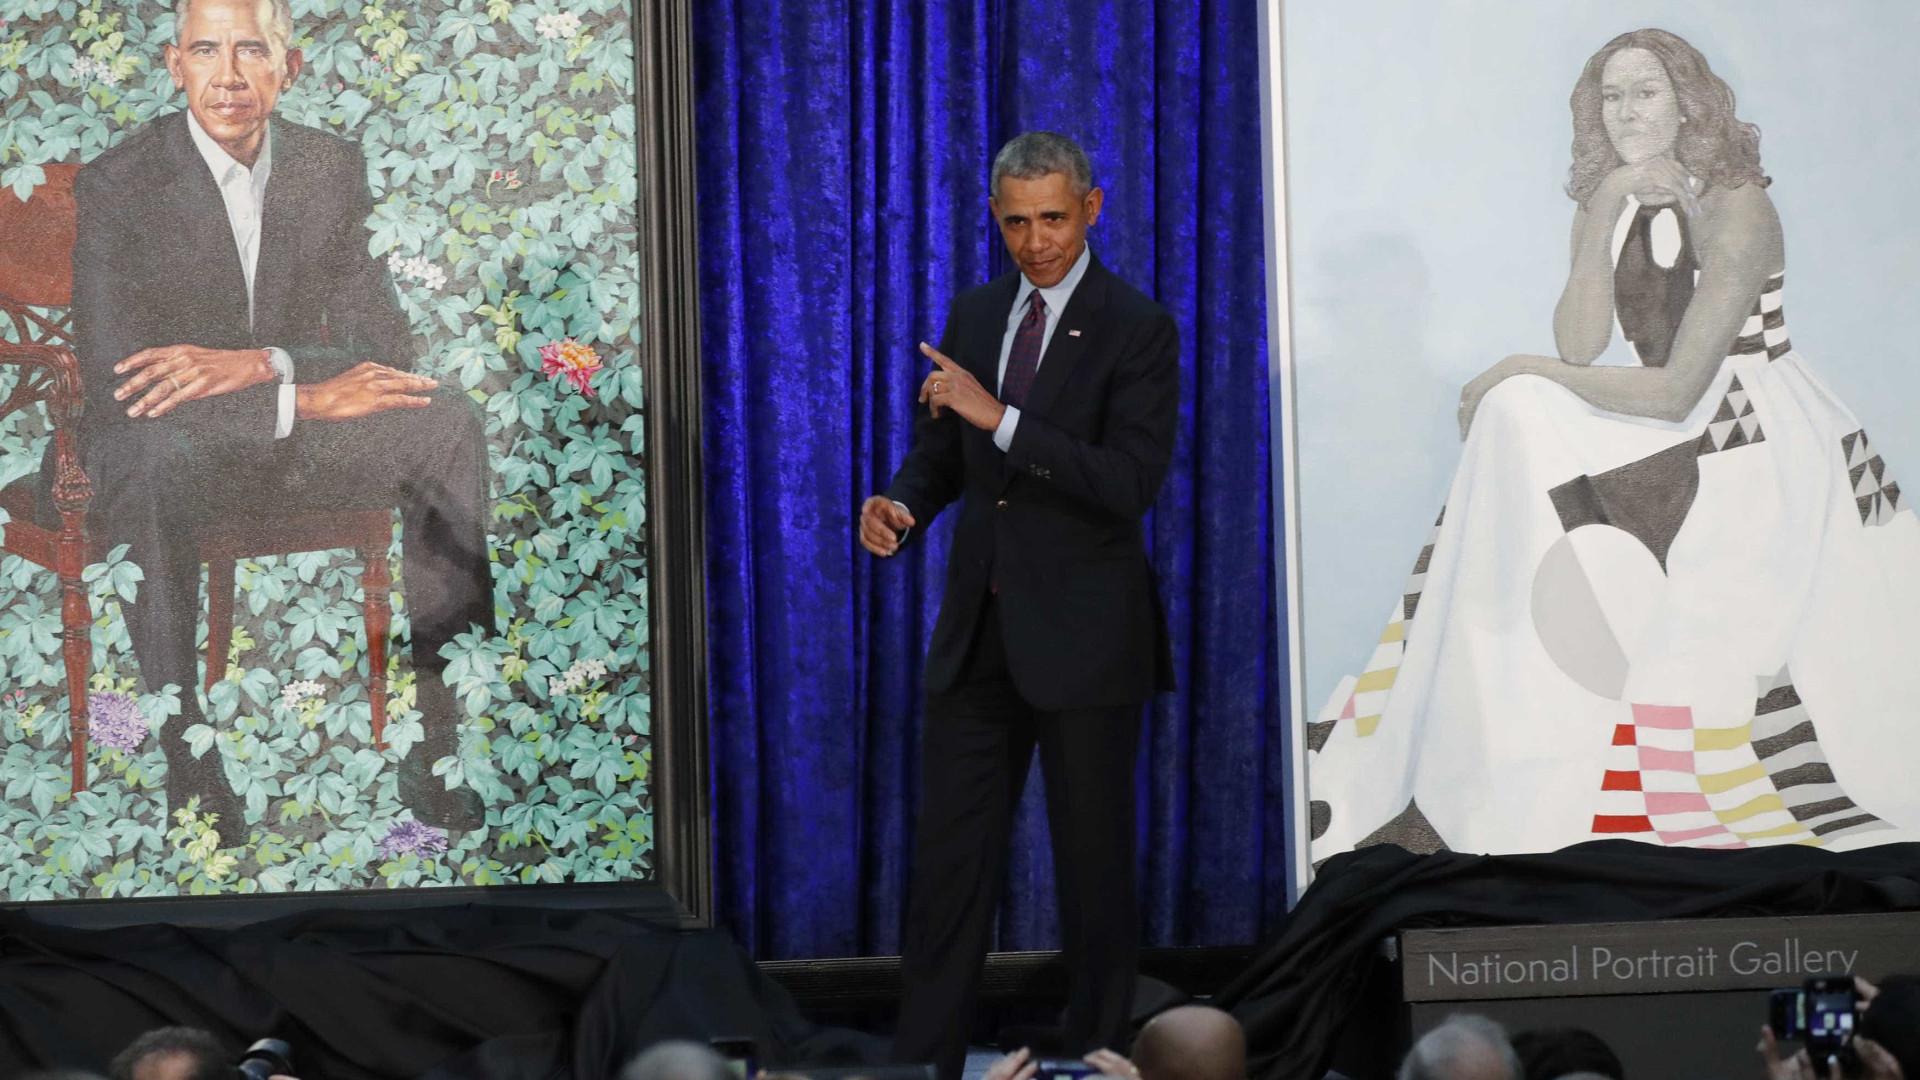 Galeria de Washington revela imagens do casal Obama